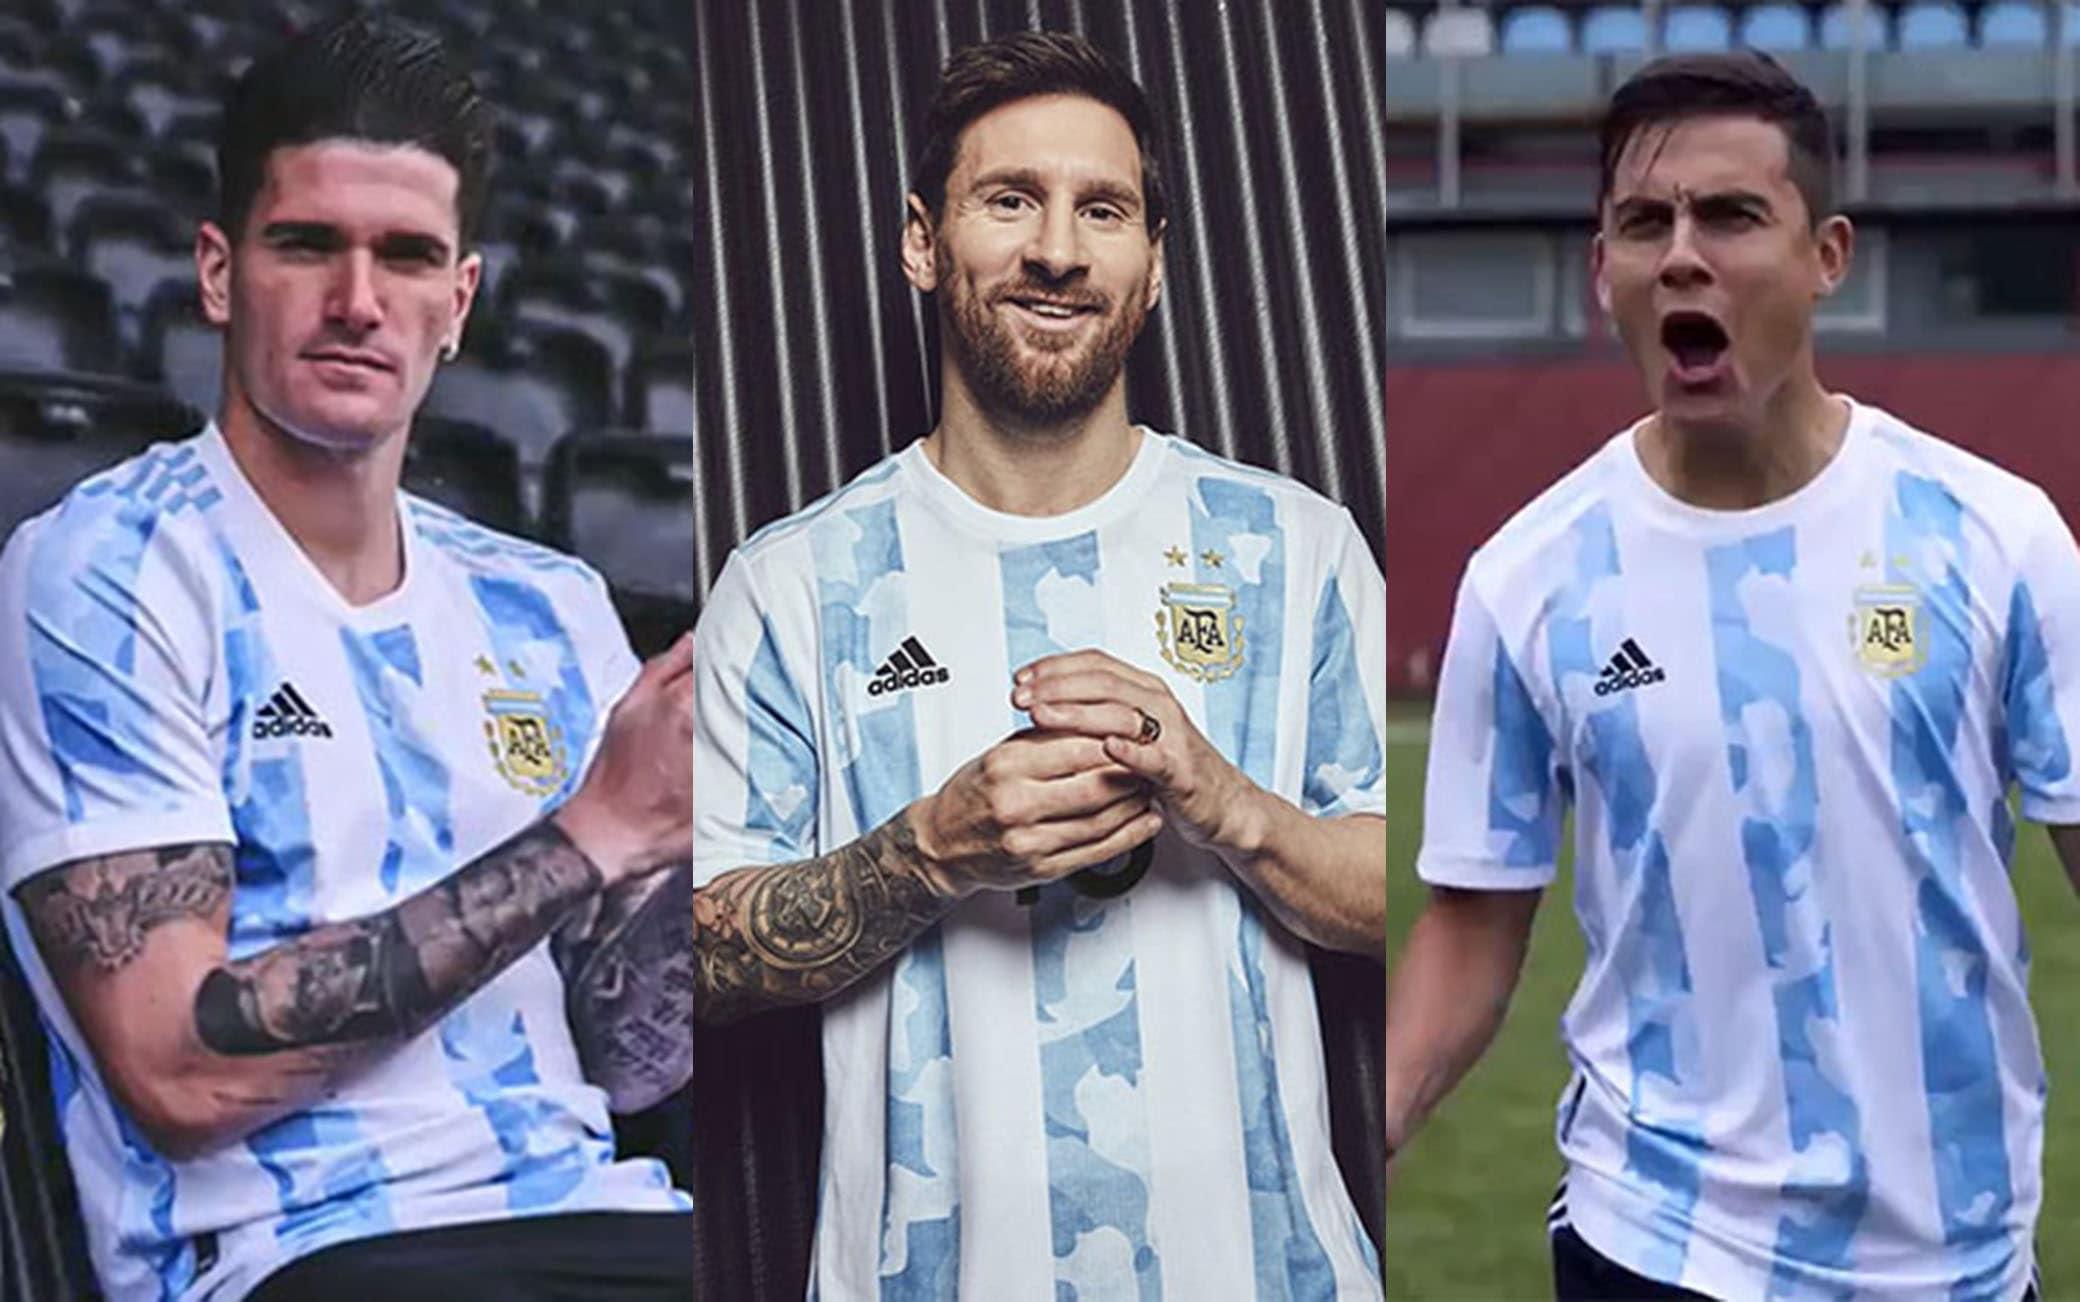 Argentina, la nuova maglia svelata da Messi su Instagram. Le foto ...